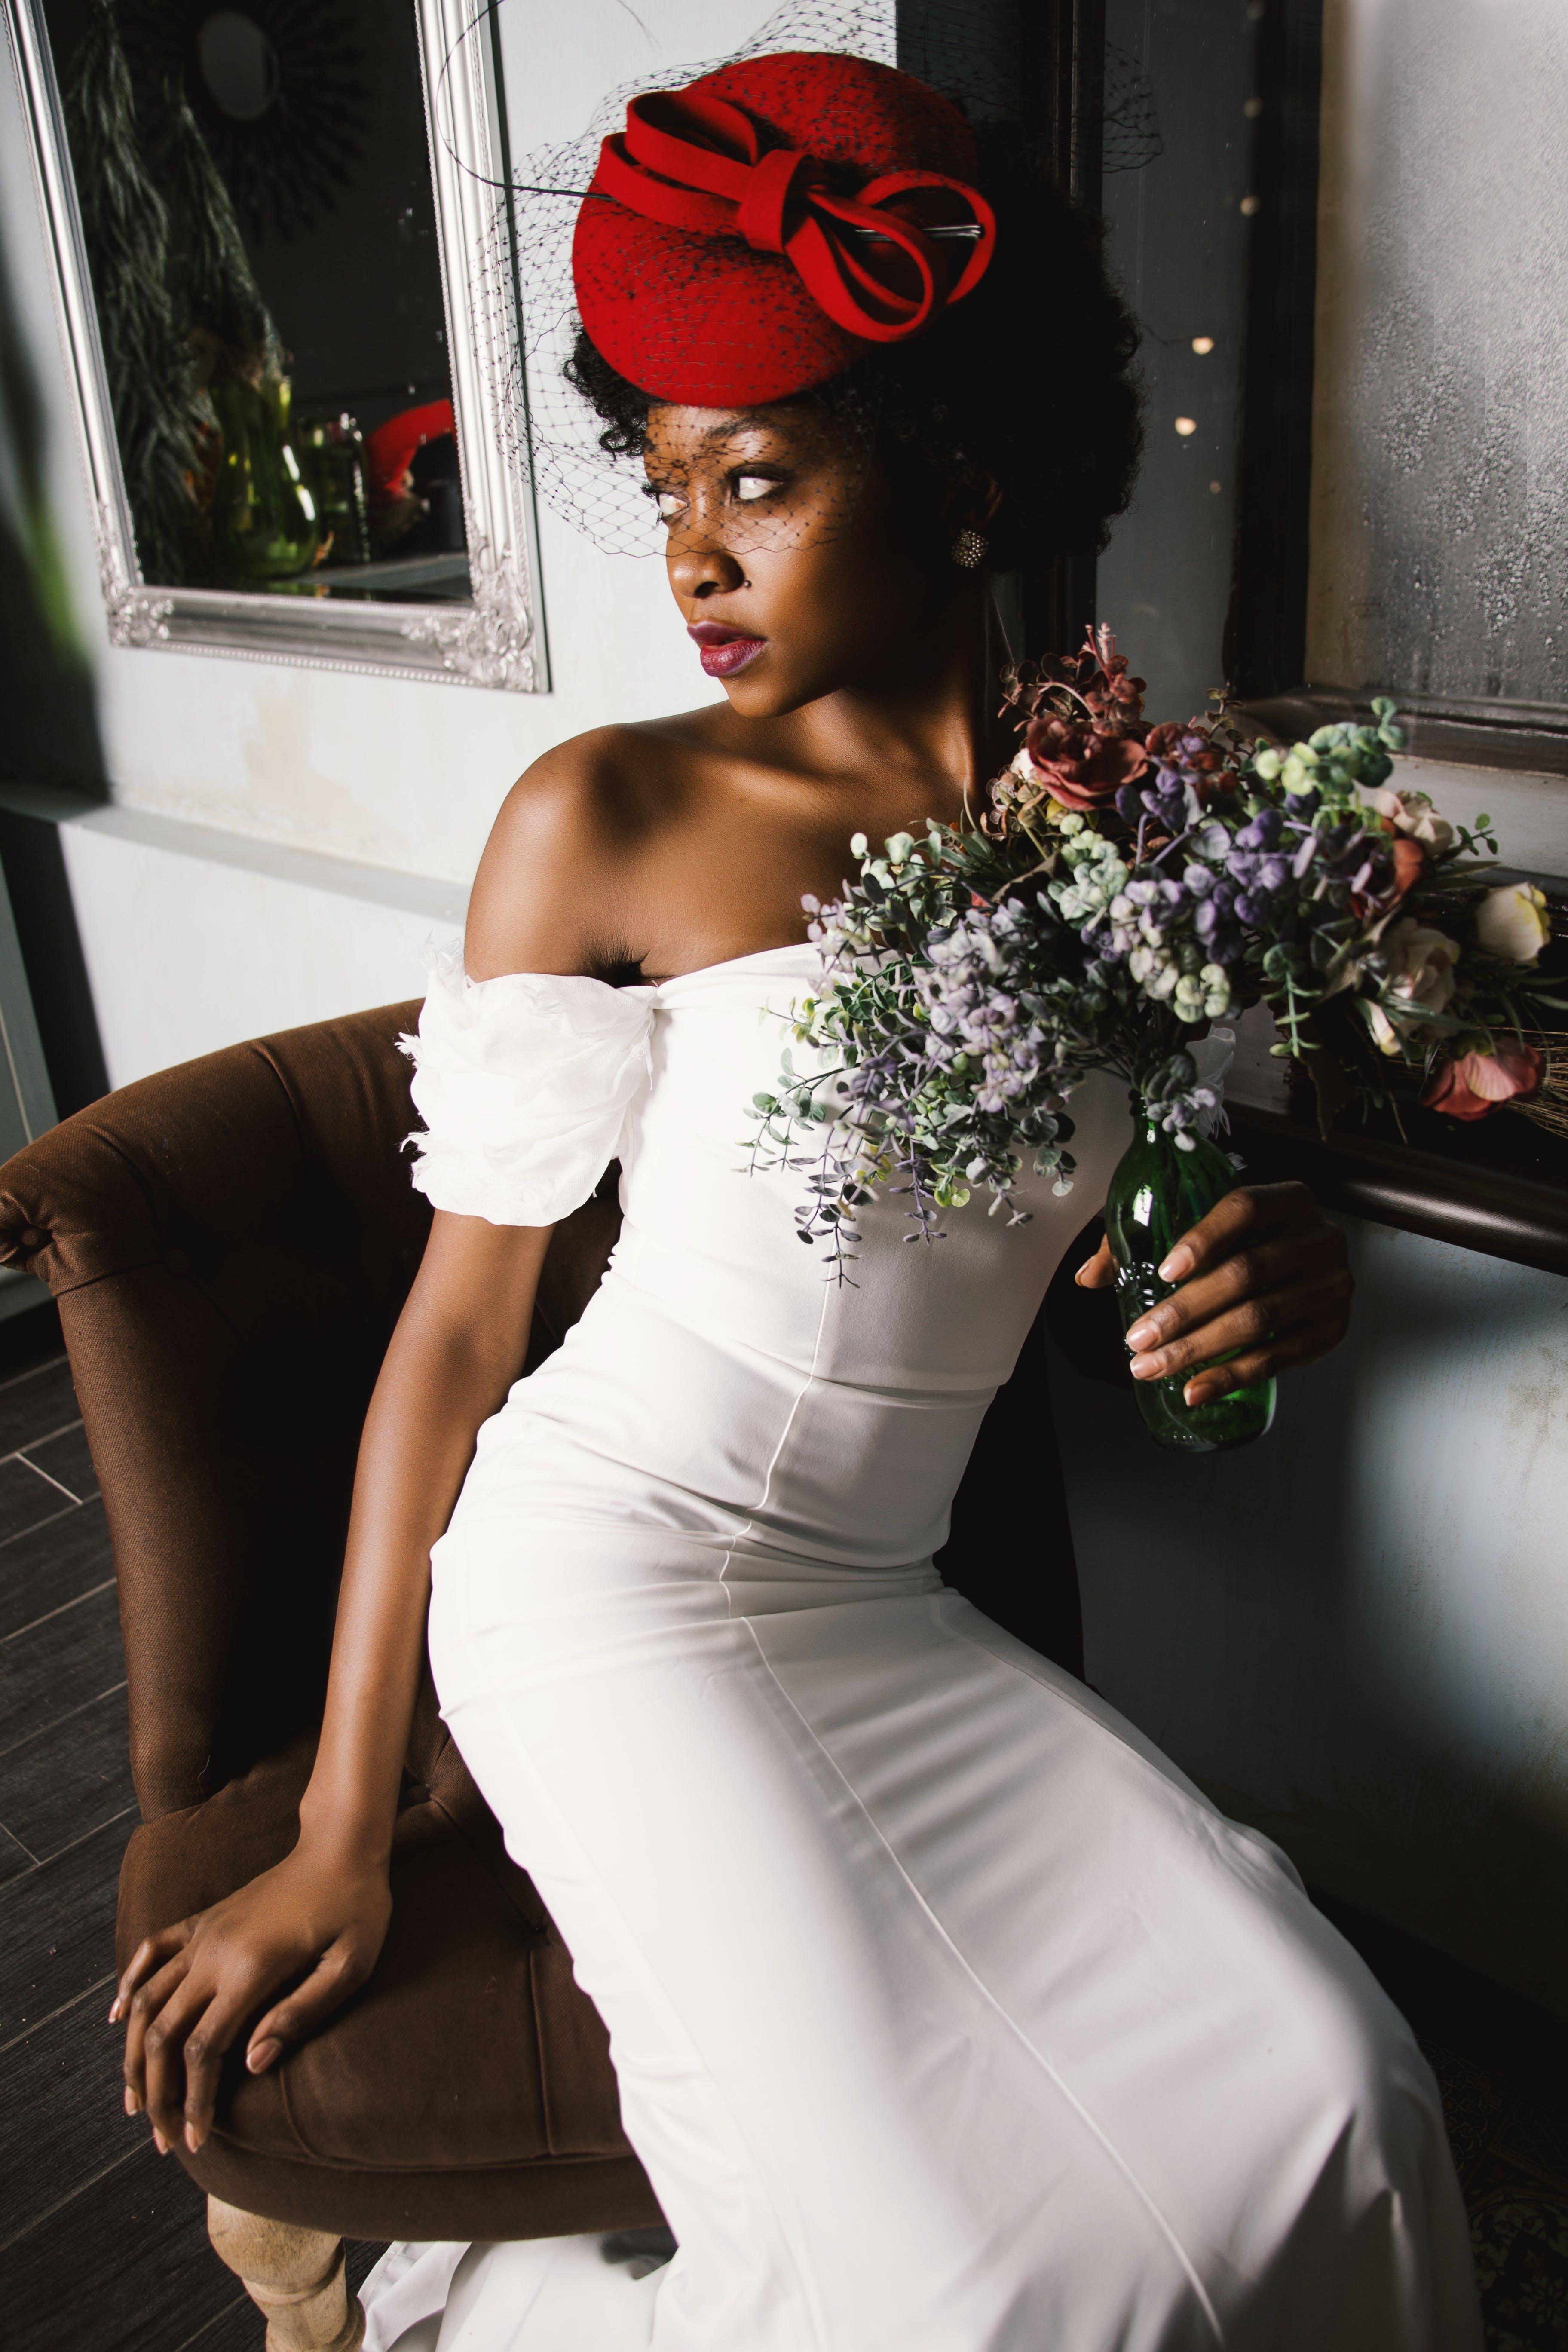 가운, 꽃, 꽃병, 드레스의 무료 스톡 사진